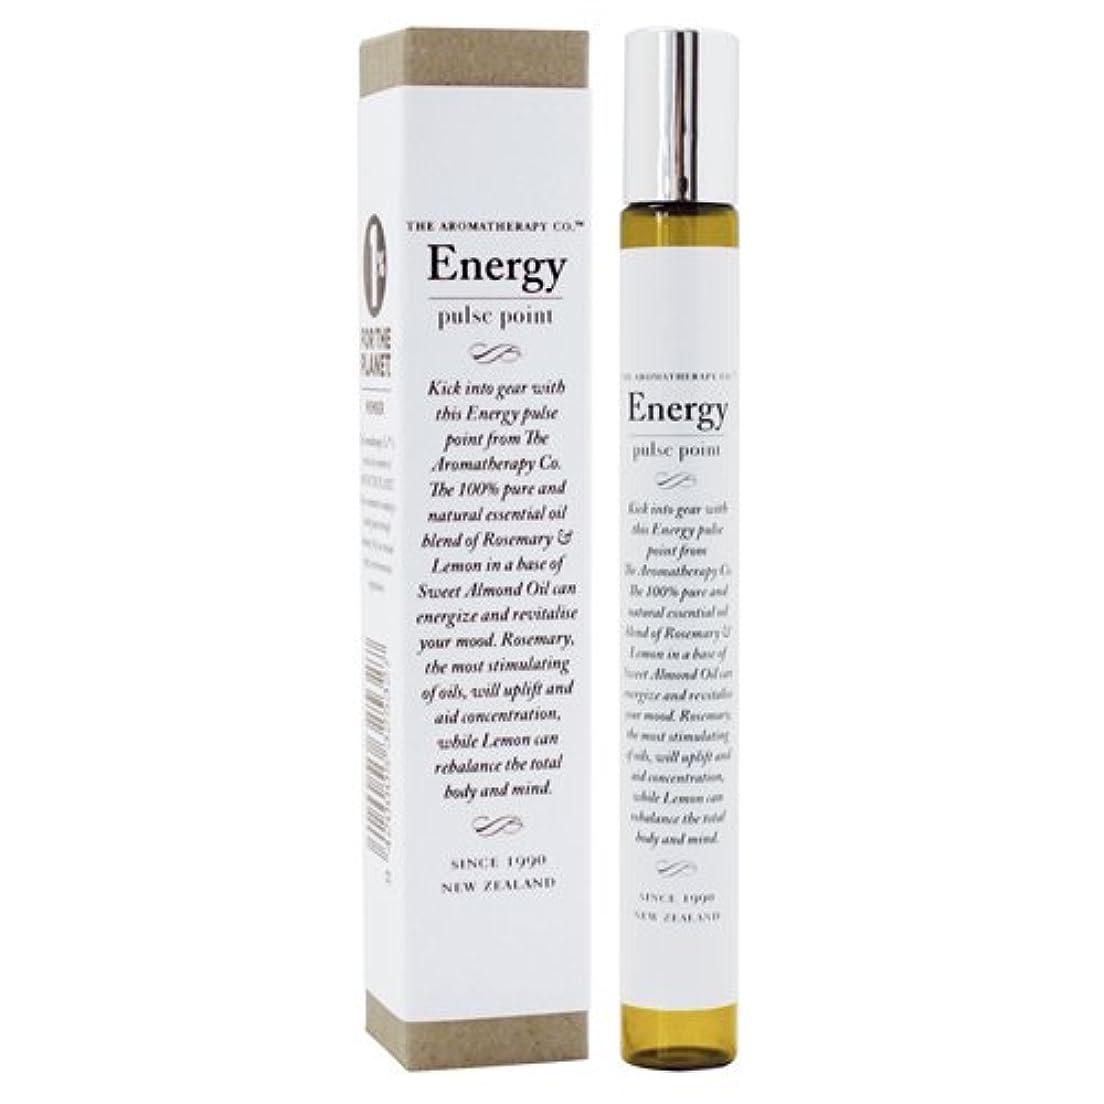 続編ナプキンアンデス山脈Therapy Range セラピーレンジ Pulse Pointパルスポイント Energyエナジー